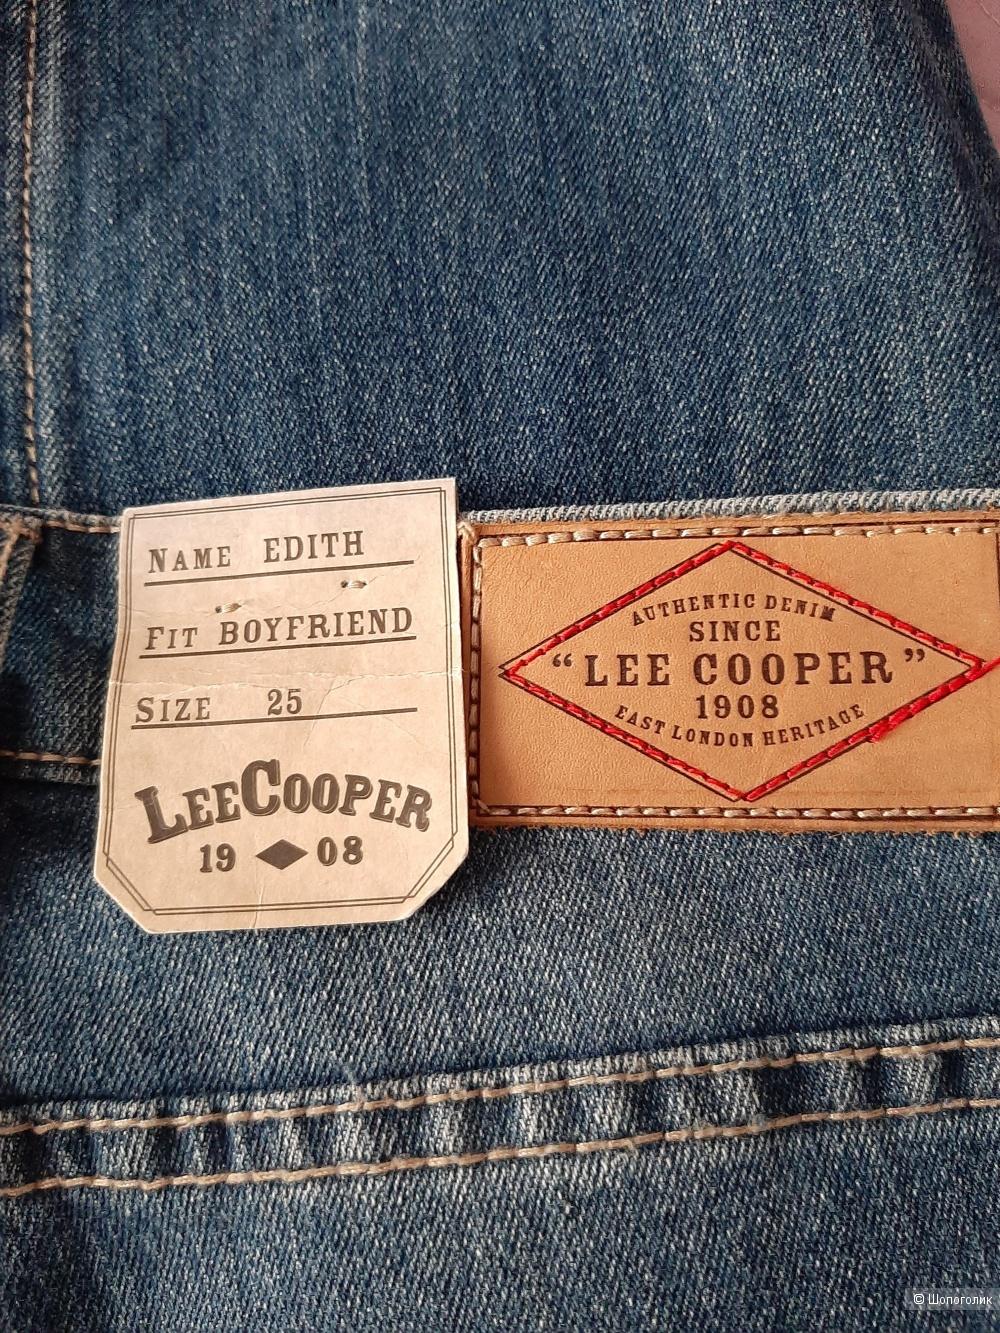 Джинсы Lee Cooper, W 25 (большемерят)